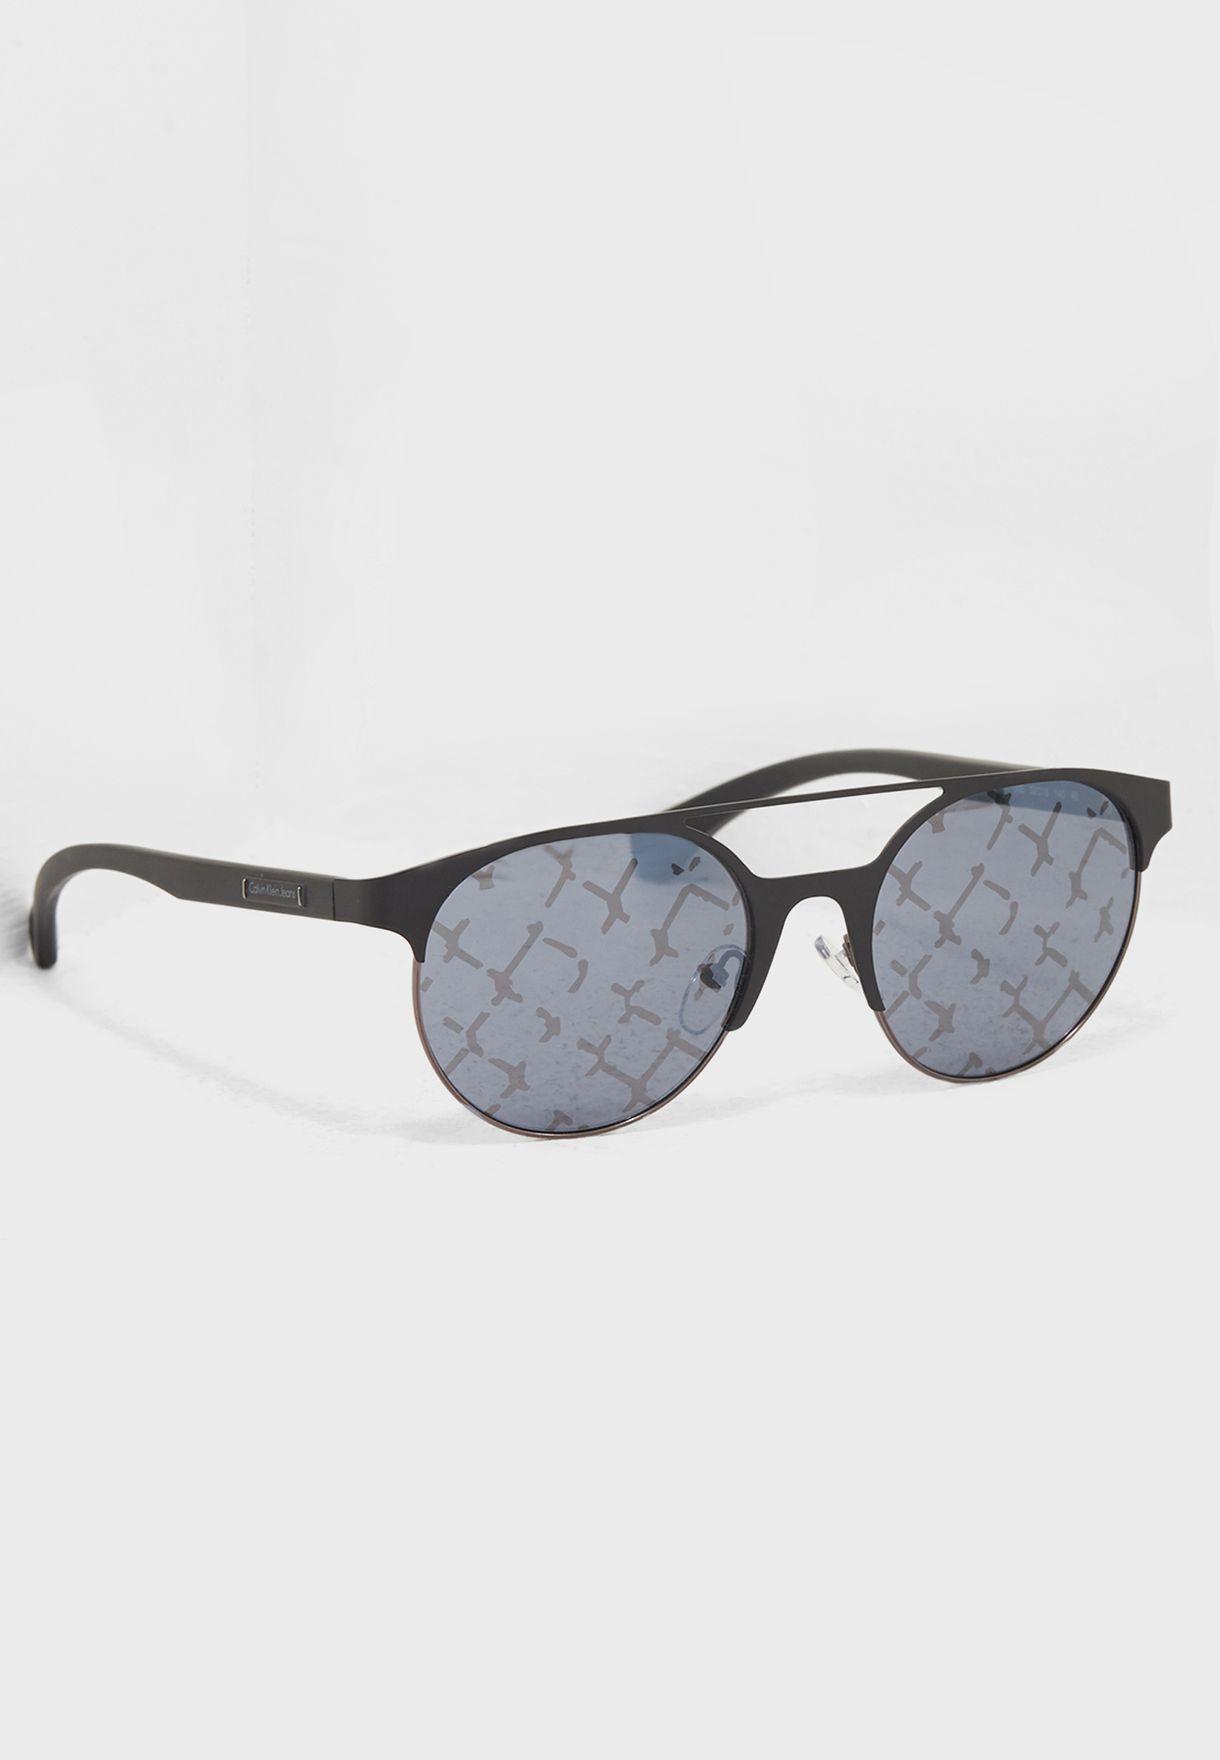 61dc1b121 تسوق نظارة شمسية عصرية انيقة ماركة كالفن كلاين جينز لون رمادي 35715 ...